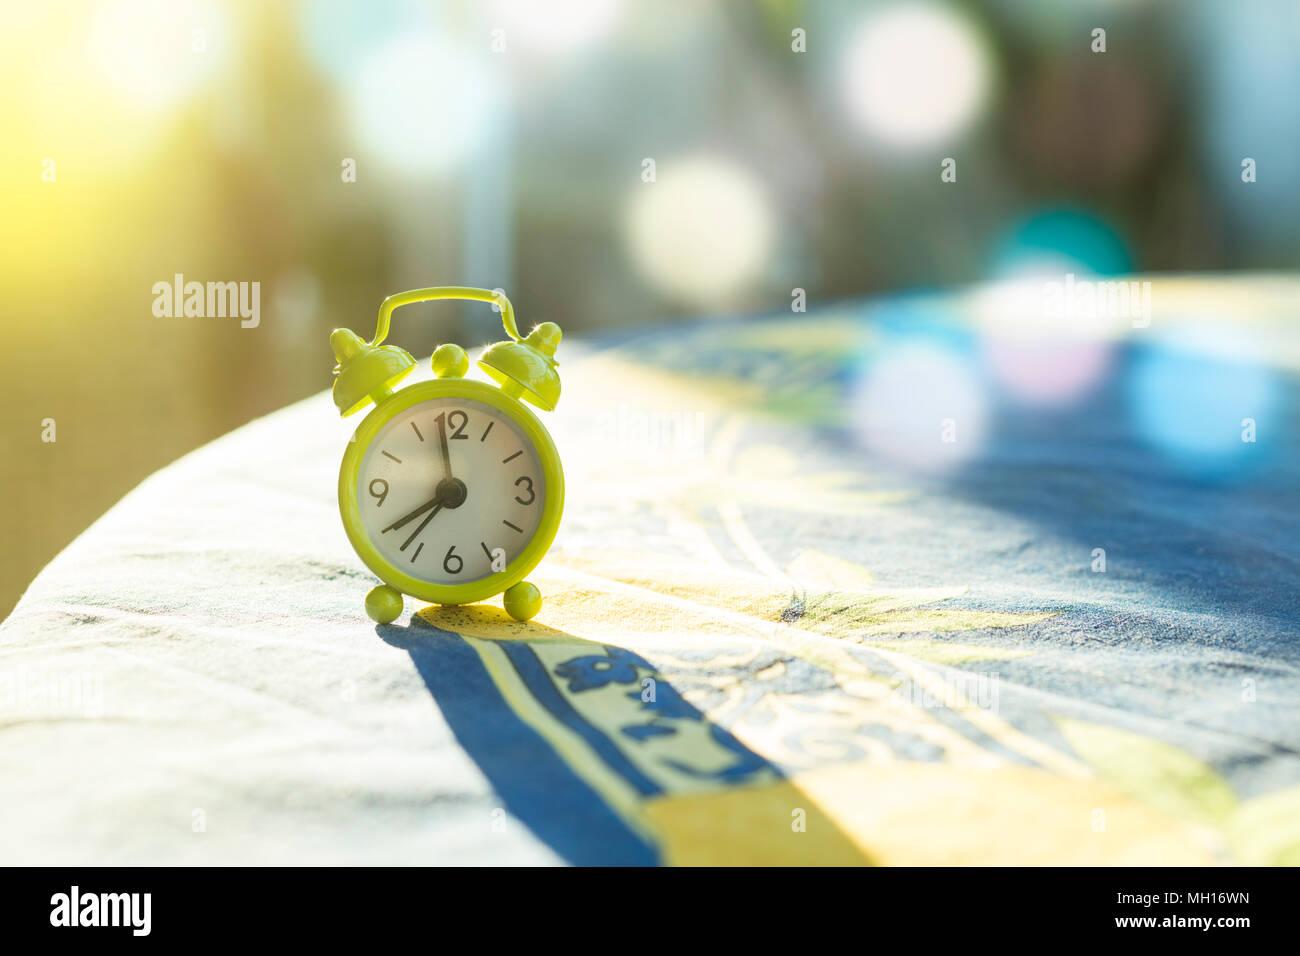 Analogue Clock Stock Photos & Analogue Clock Stock Images